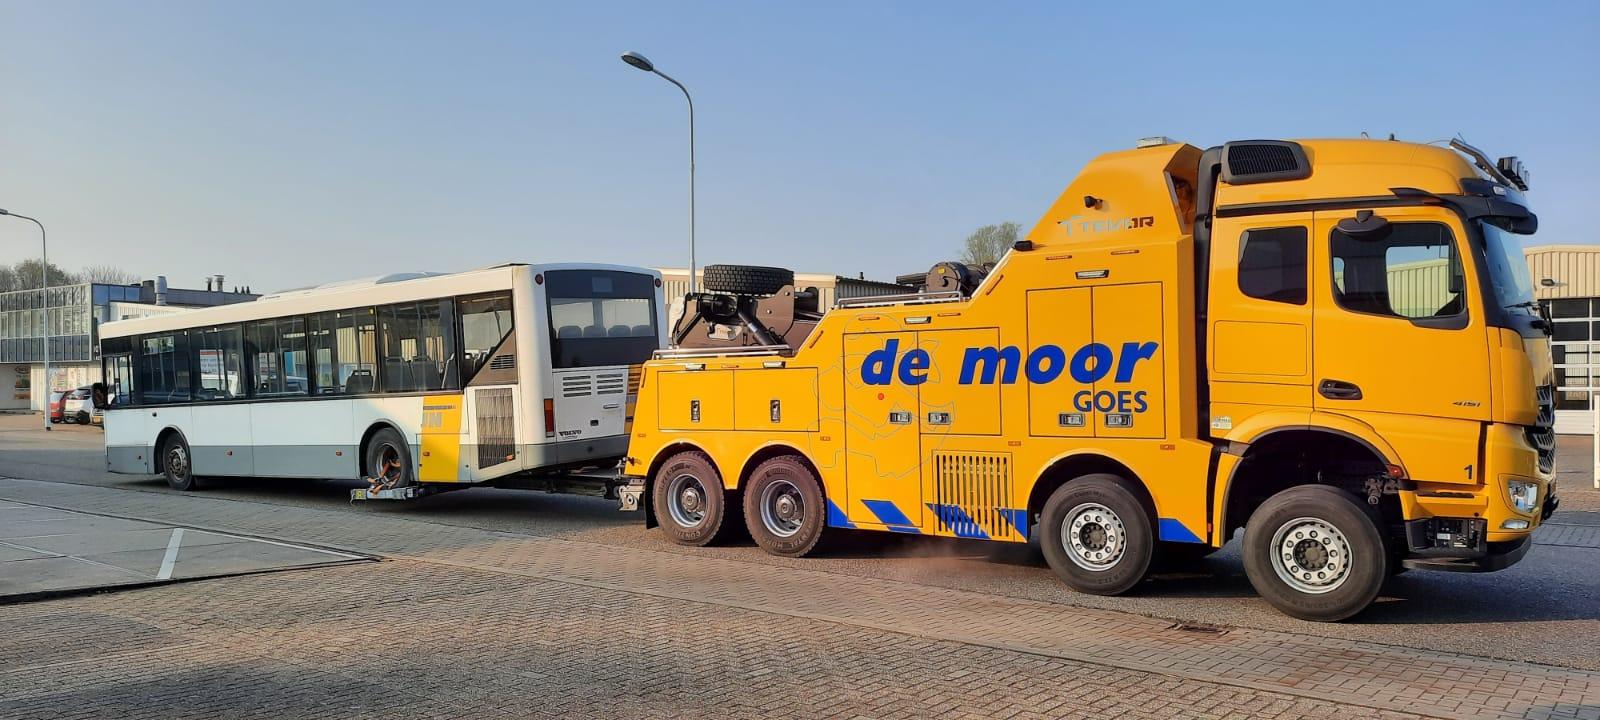 Vrachtwagen berging en zware berging voor zwaar materieel demoorautoberging.nl